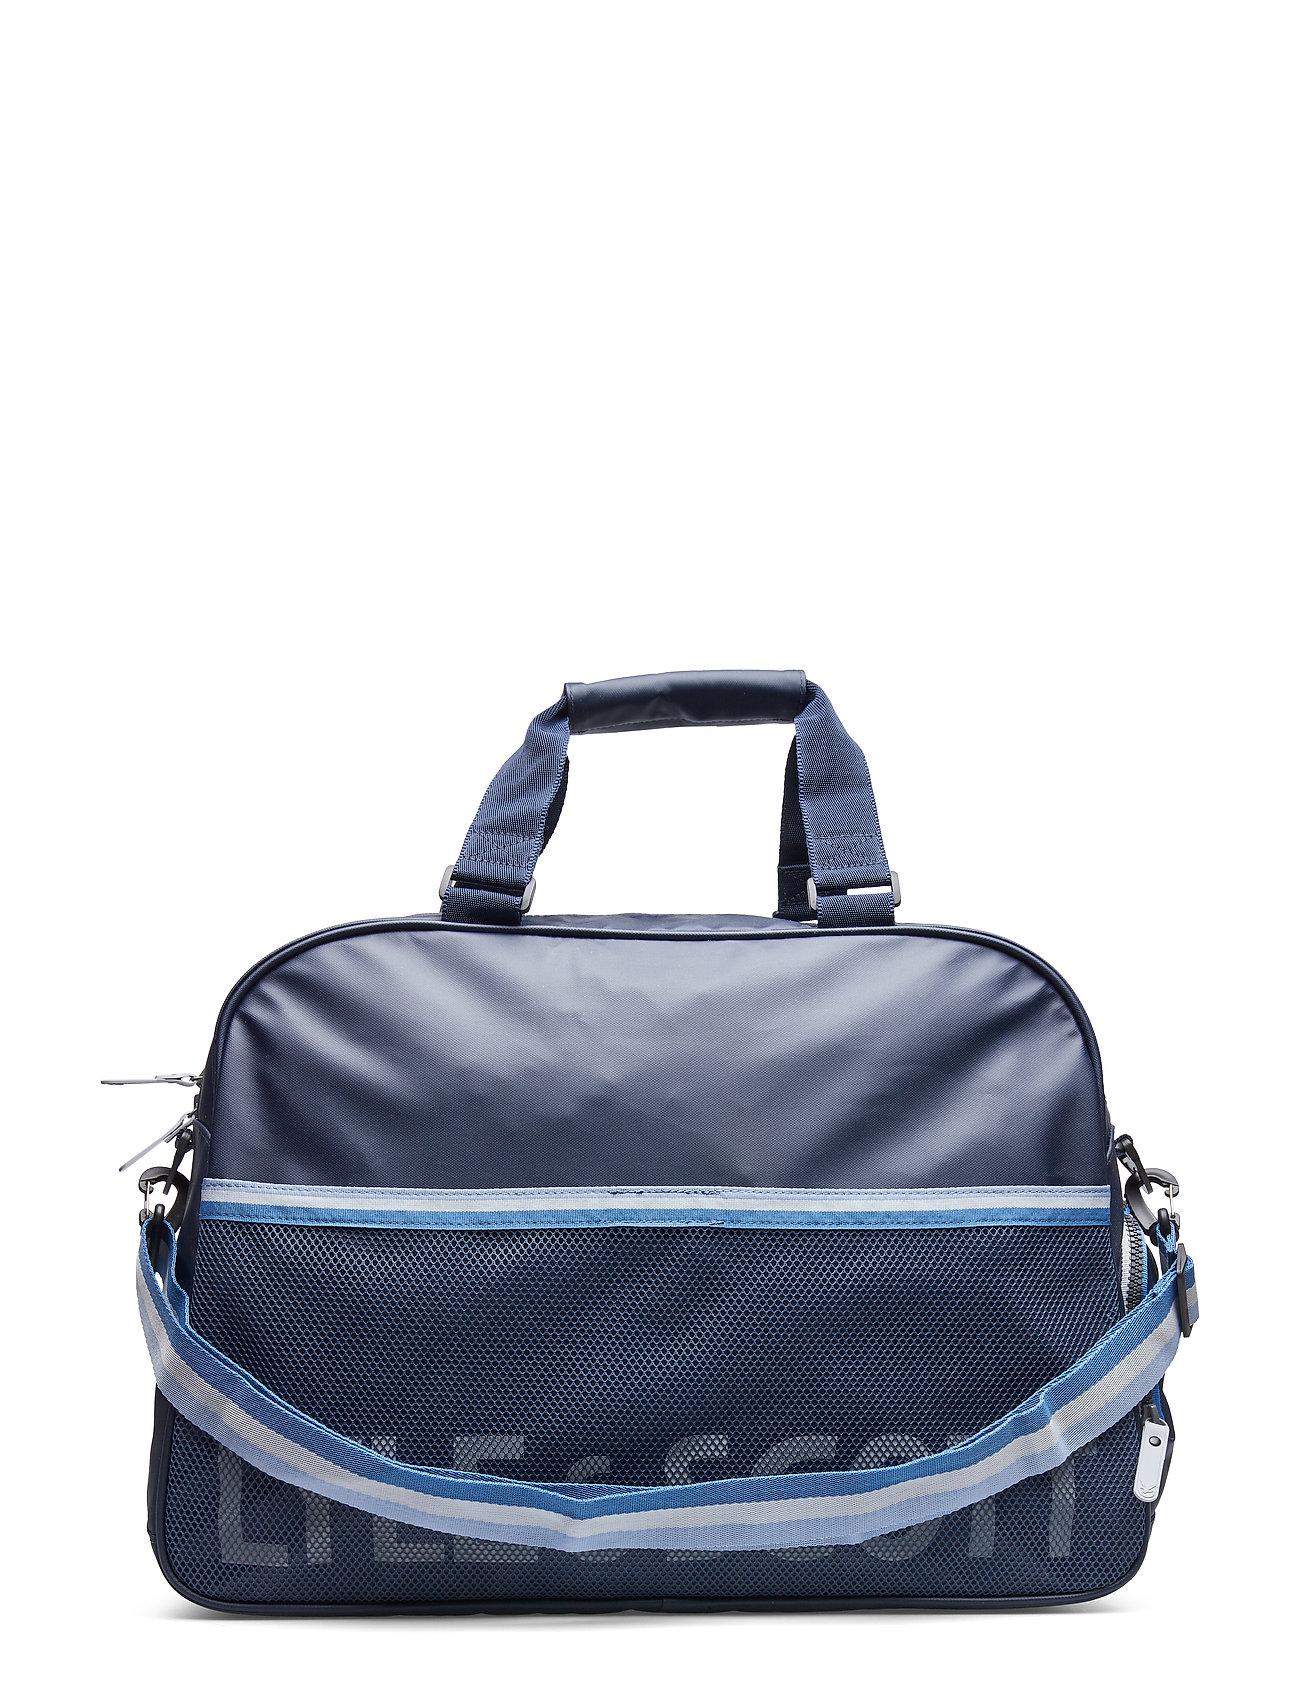 Lyle & Scott Weekender Bag - DARK NAVY